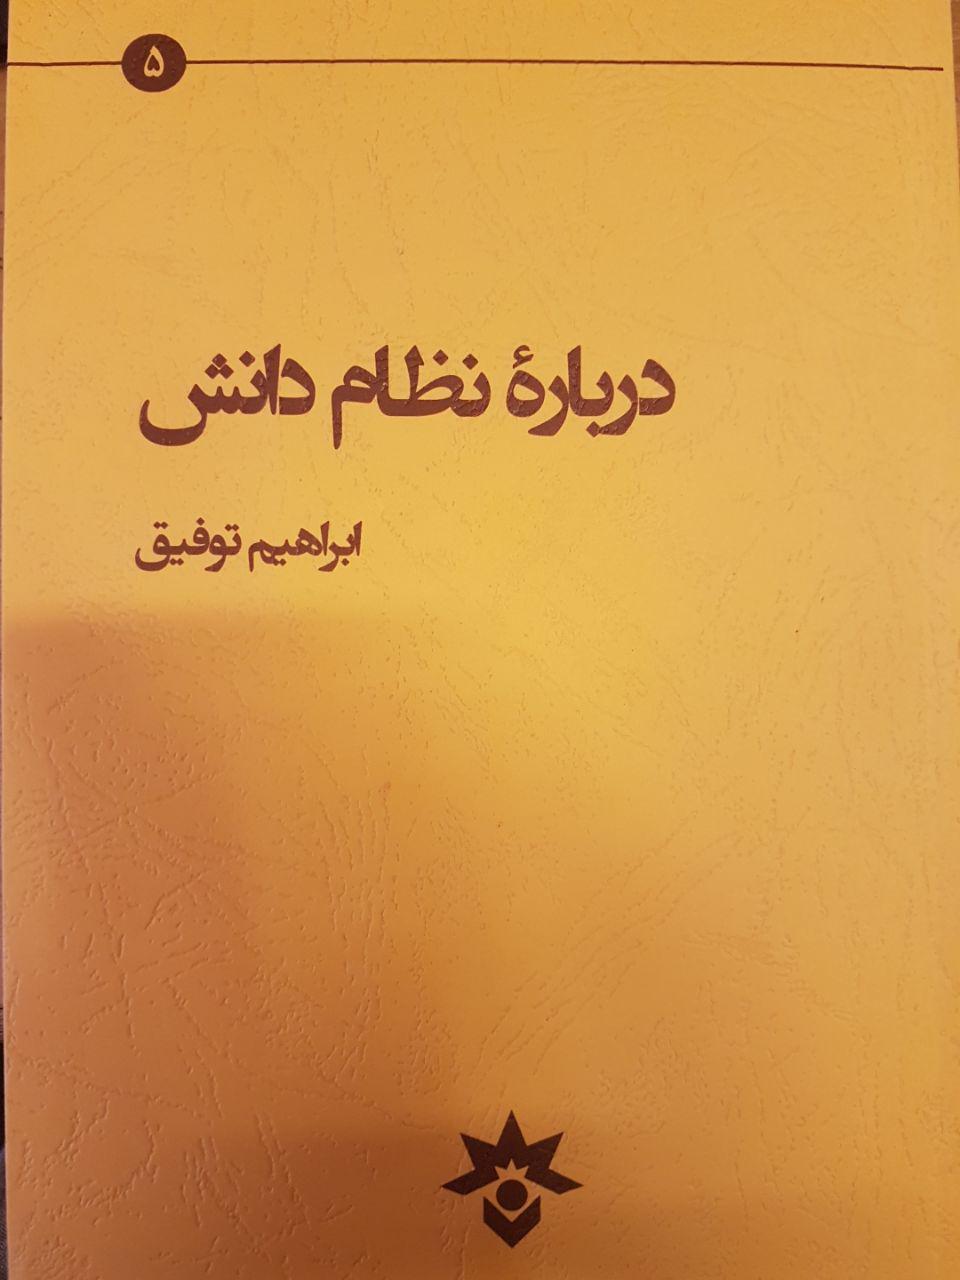 درباره نظام دانش؛ مجموعه مقالات و مصاحبههای ابراهیم توفیق